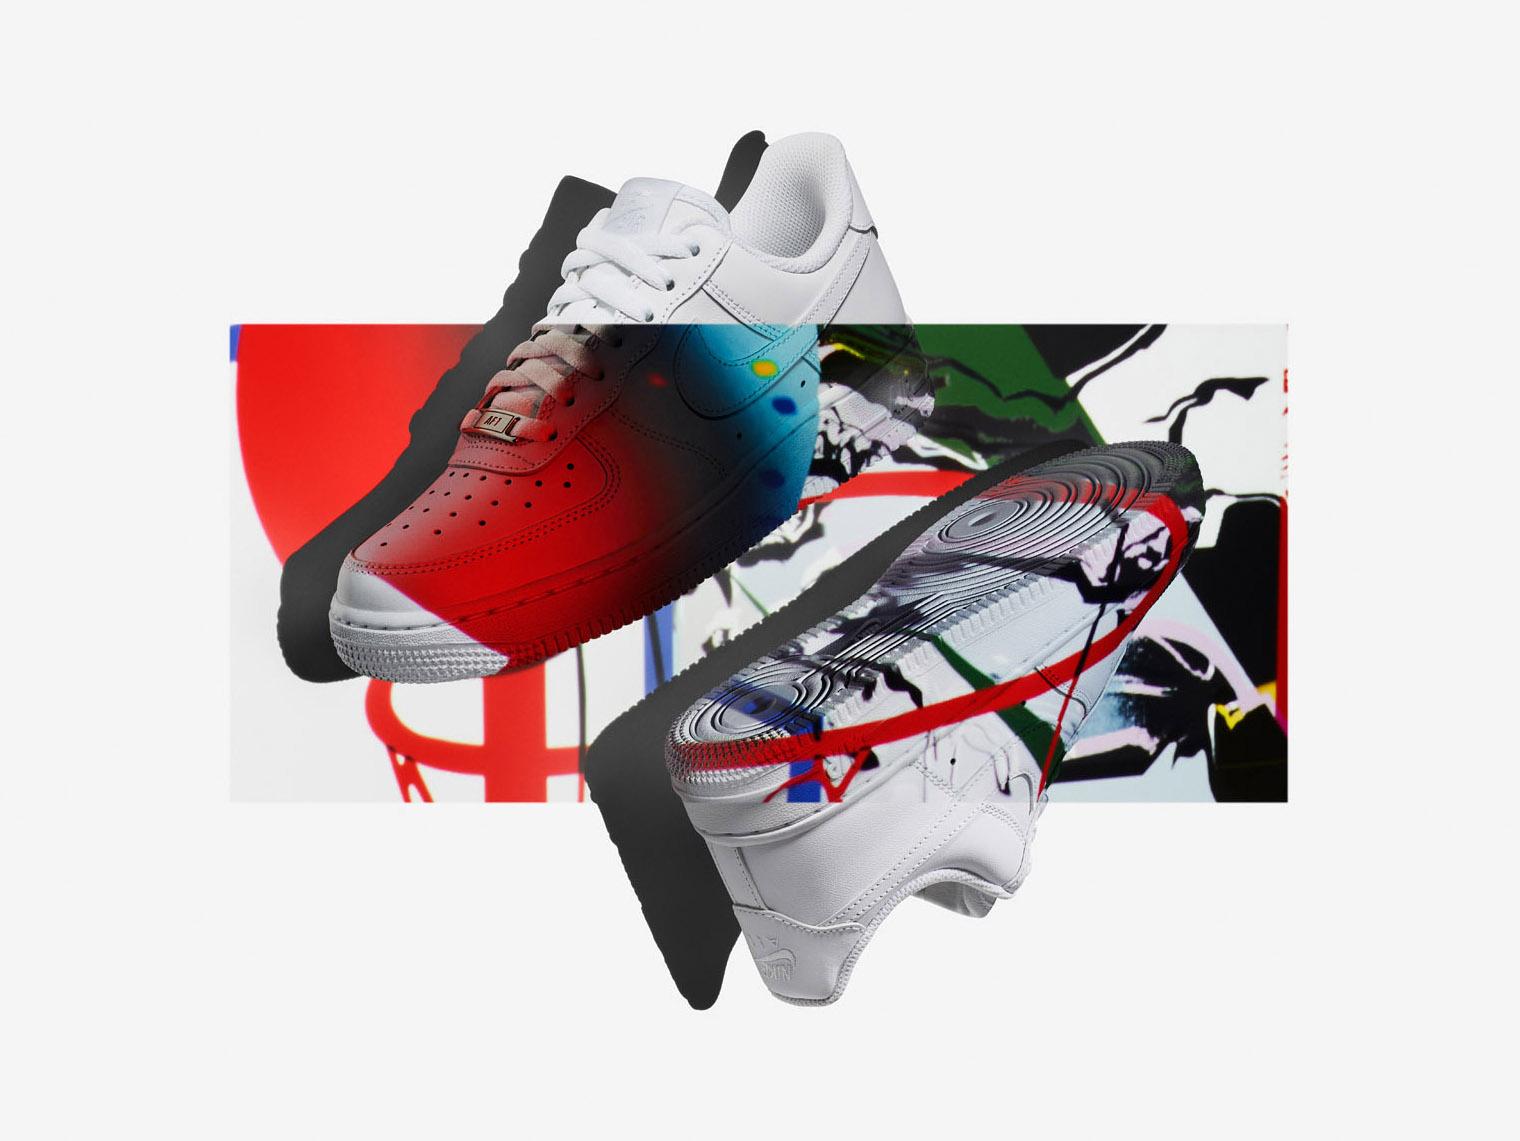 20180723 Nike H018 AF1 Double V2-128697 Hero f3 v2.jpg